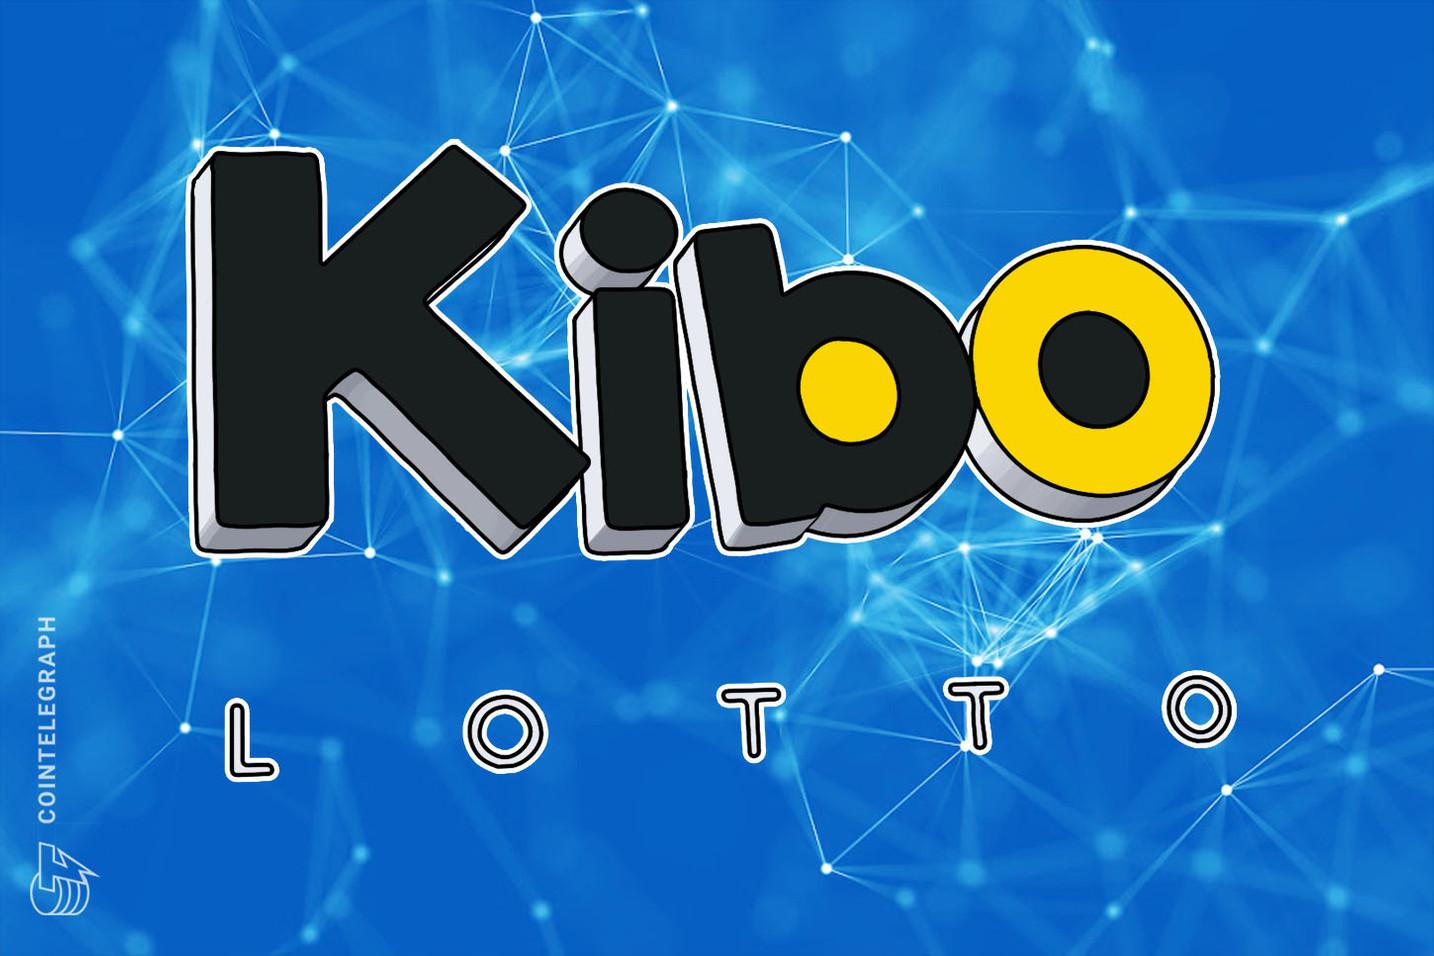 Kibo Lotto obtuvo la licencia de juego de Curazao